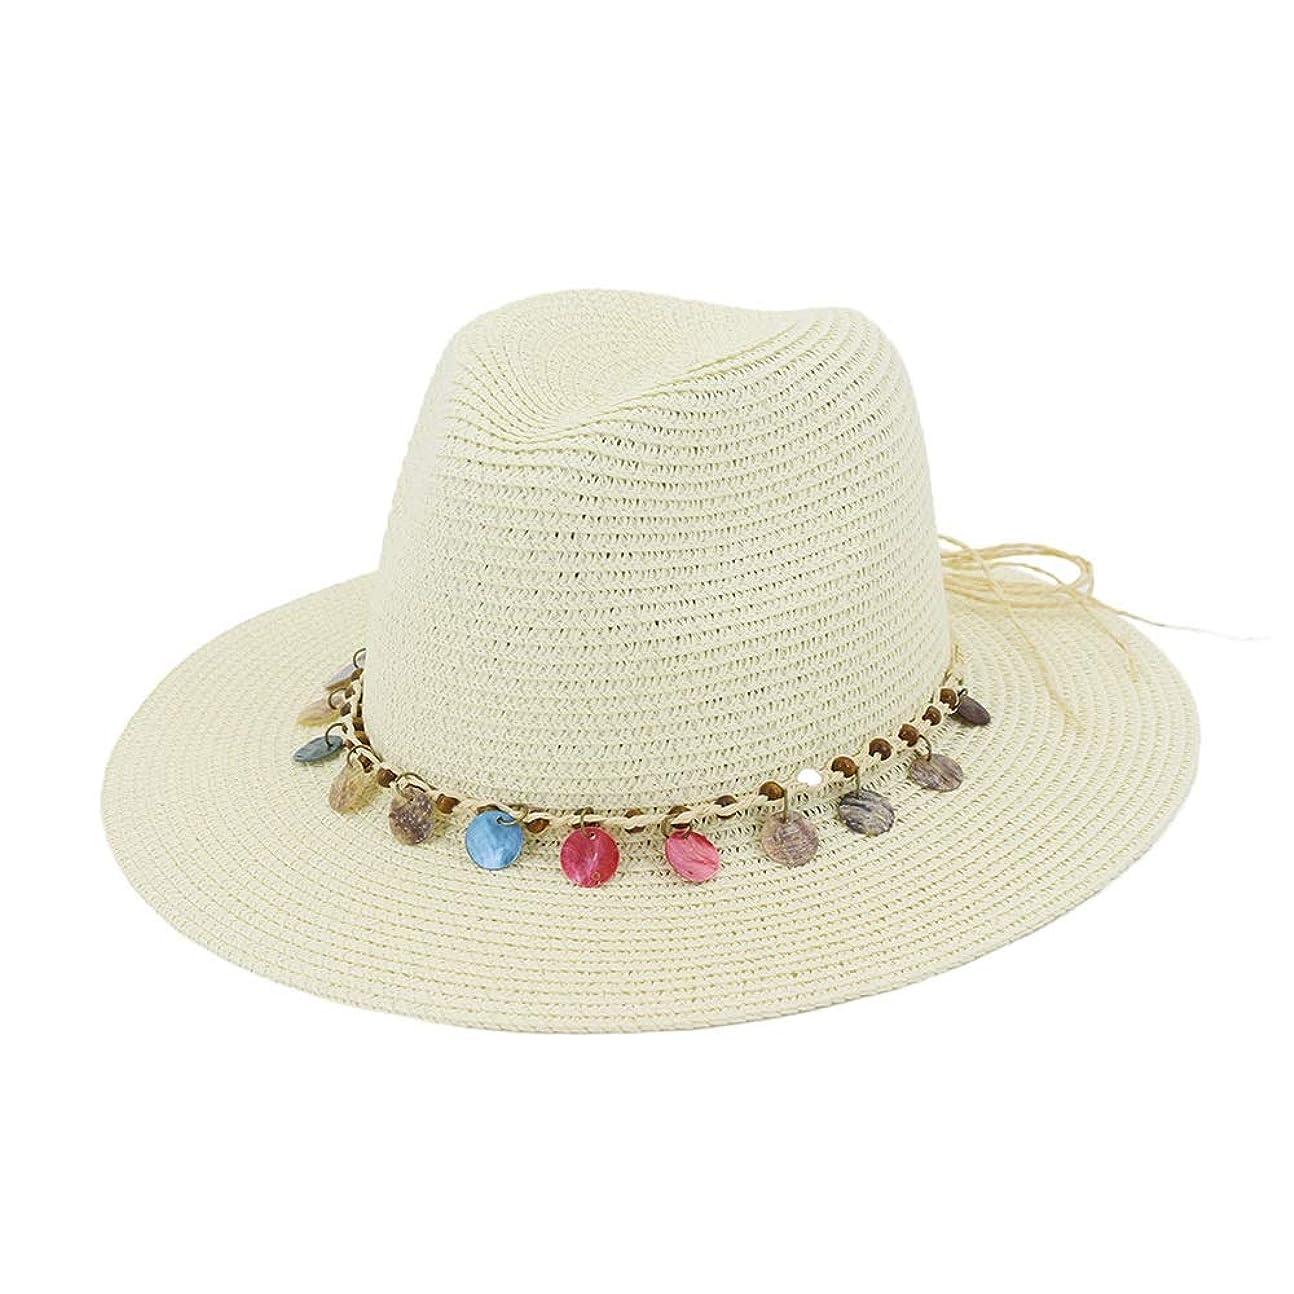 第二に相対サイズ蒸気ファッションバイザー 夏のわらの帽子男性女性 パナマ帽子固体平野広いつばビーチ帽子付きバンド男女兼用のFedora海辺の休暇太陽の帽子 (色 : クリーム, サイズ : 56-58CM)